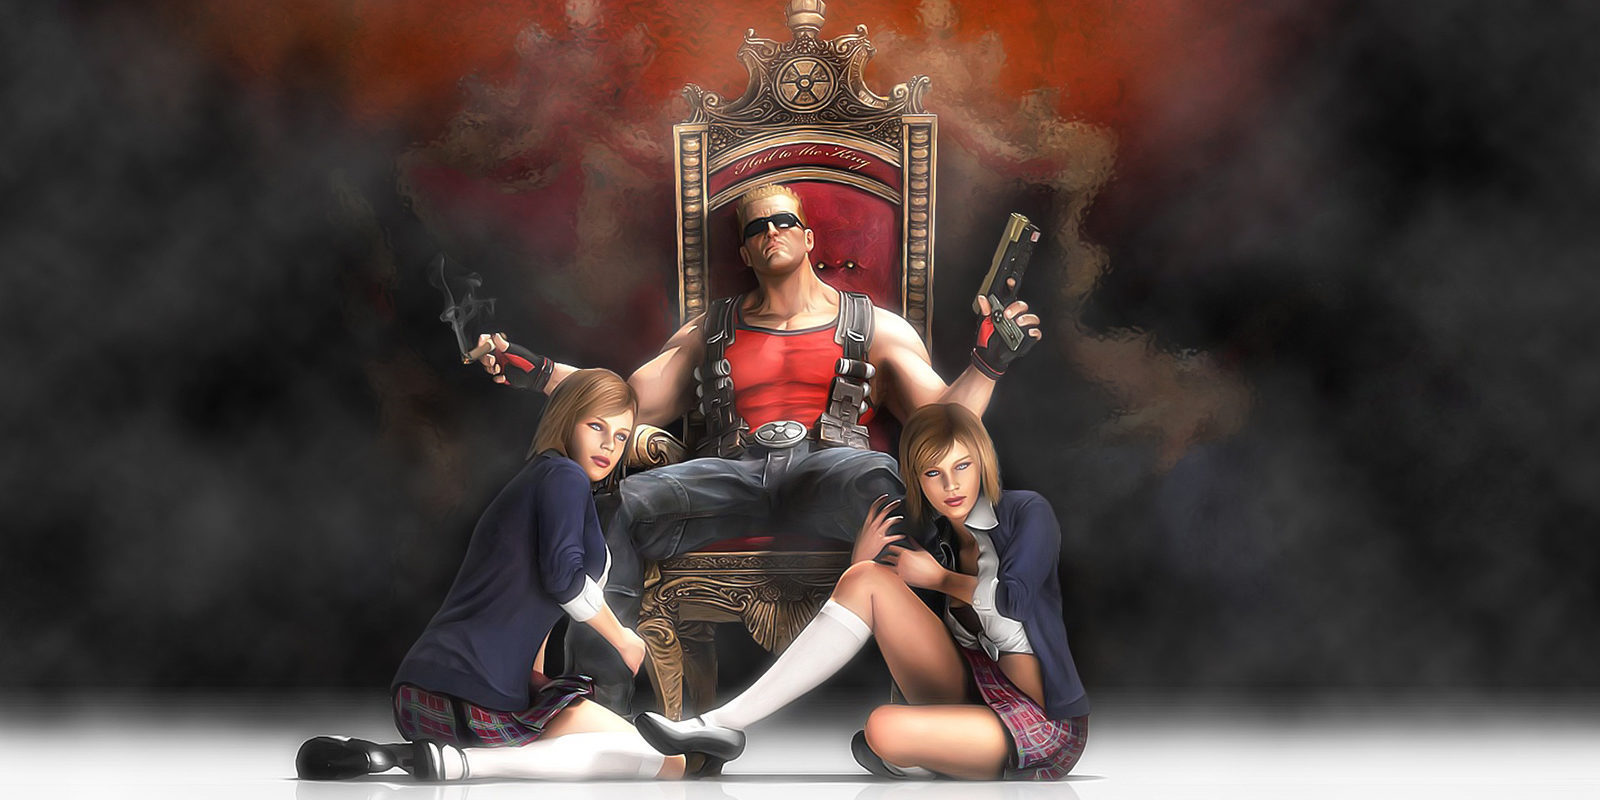 10 фактов о Duke Nukem, которые шокируют!